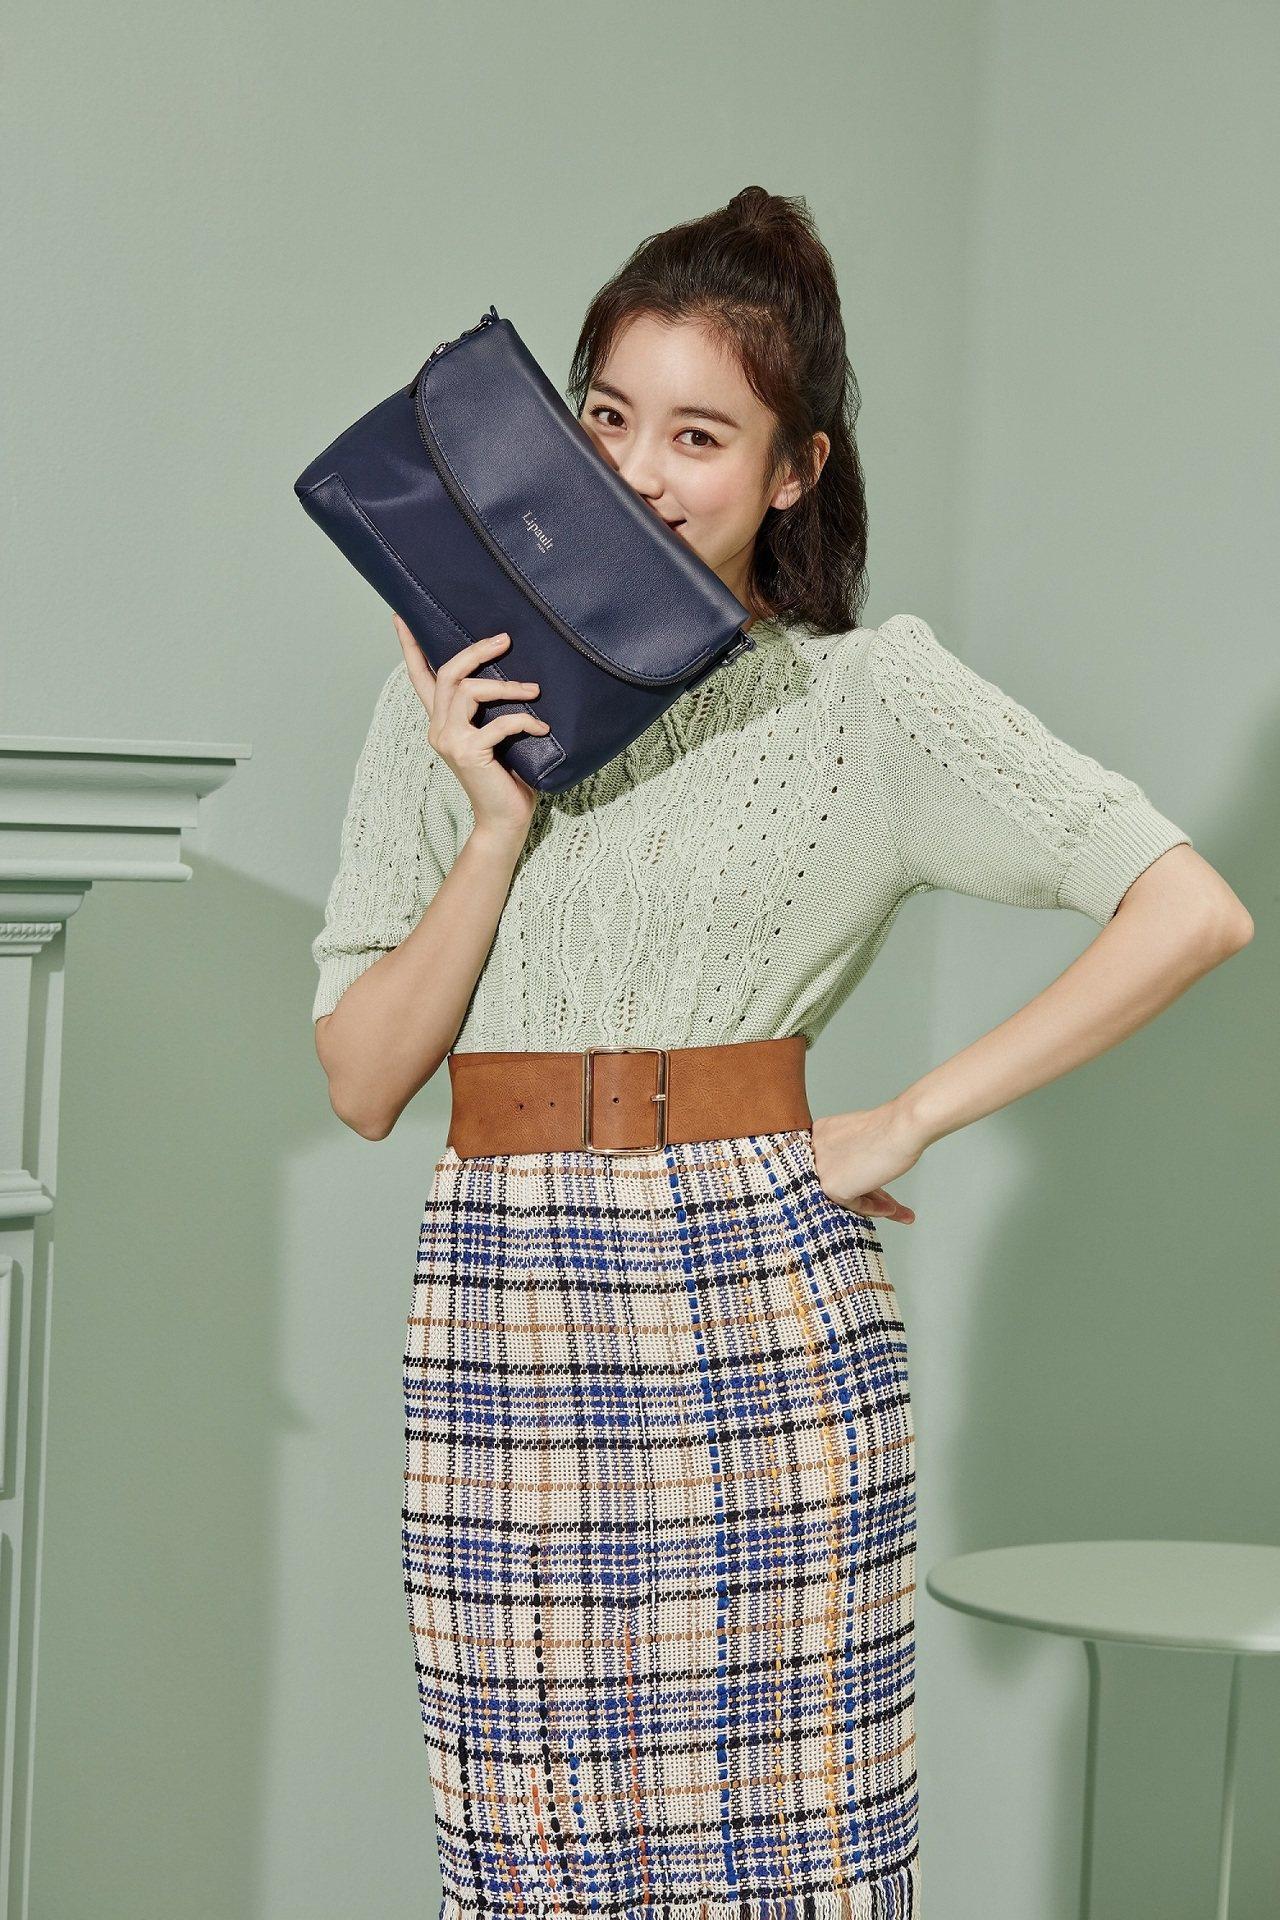 Lipault新推出「亞洲限定系列」,找來韓國女星韓孝周示範一系列穿搭照。翻蓋拼...